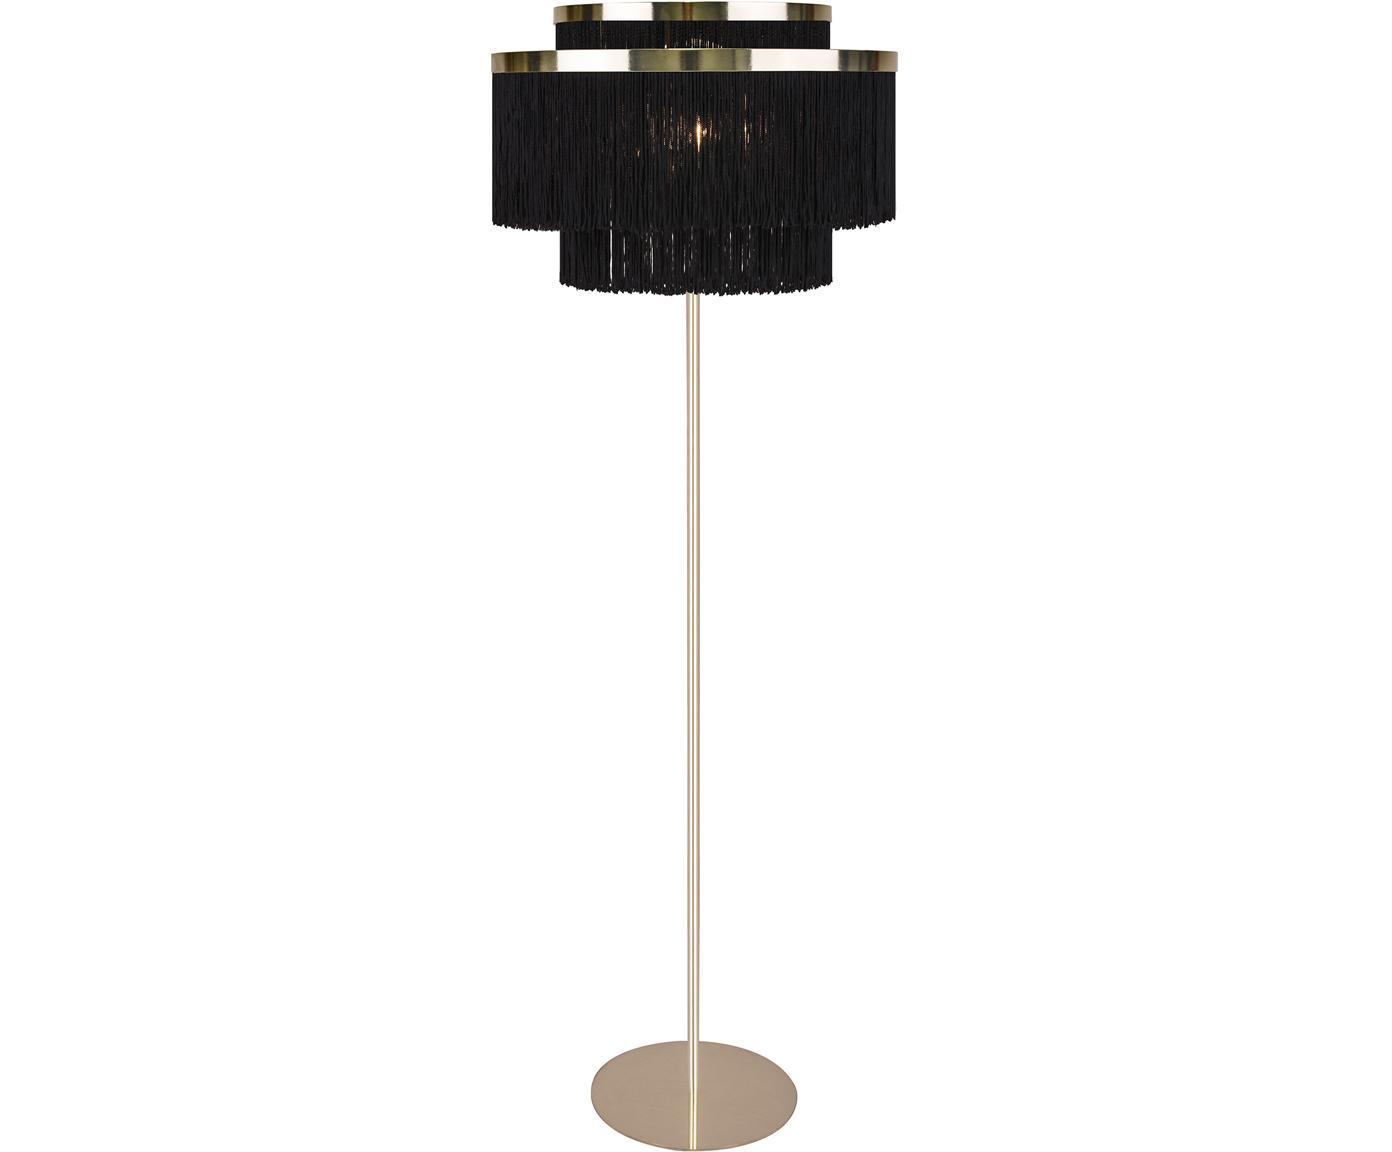 Lámpara de pie Frans, Tela, metal, Negro, dorado, Ø 52 x Al 158 cm